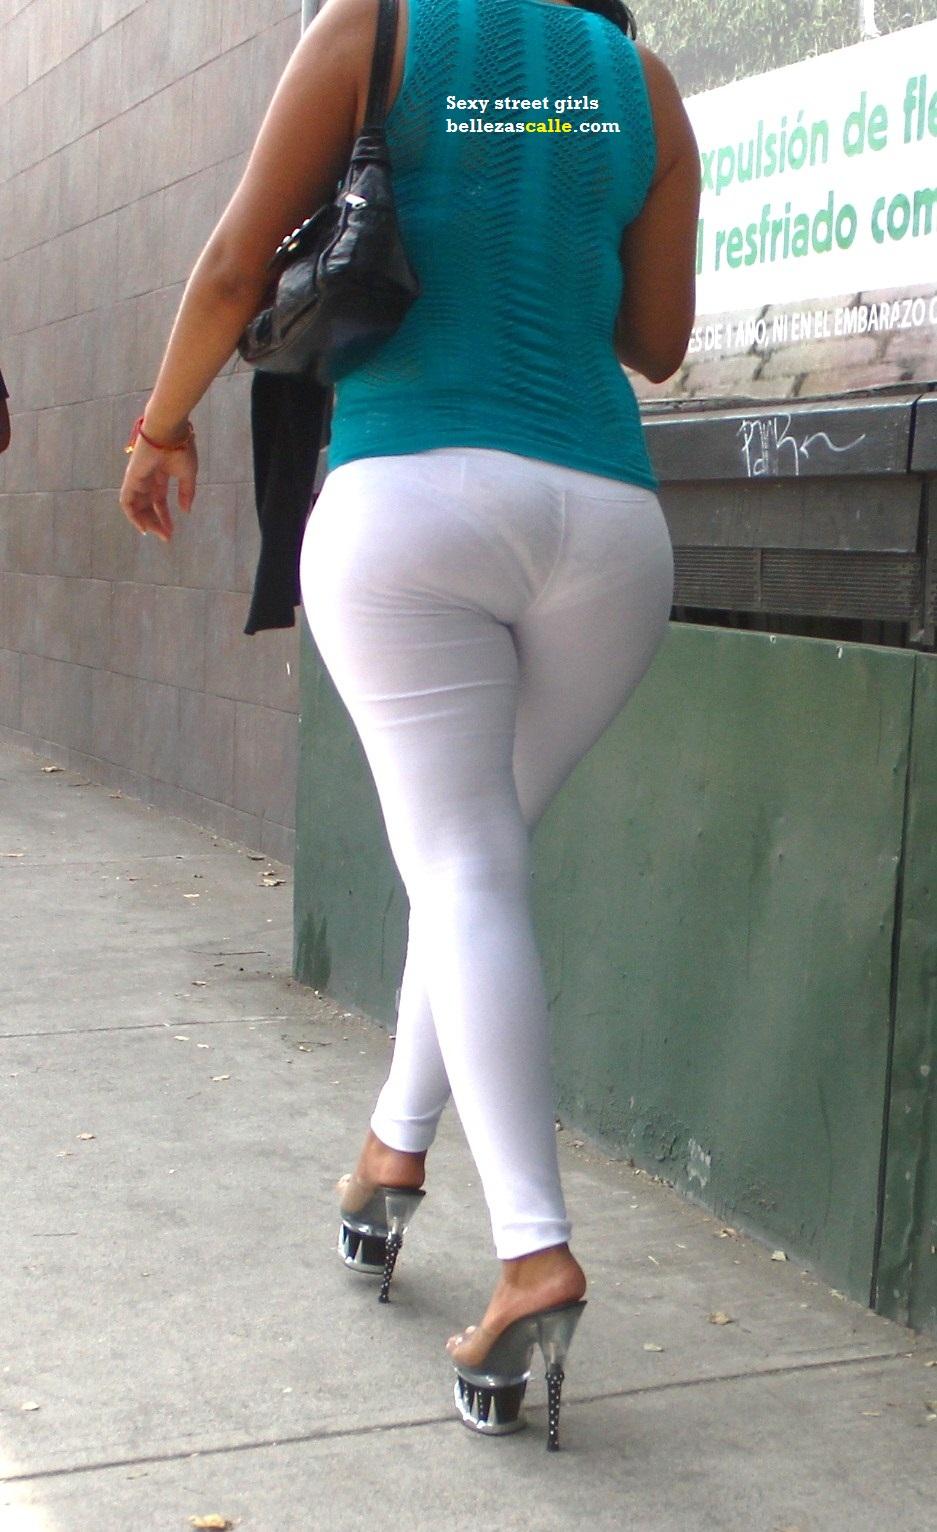 Culona de leggins blancos - 3 part 2